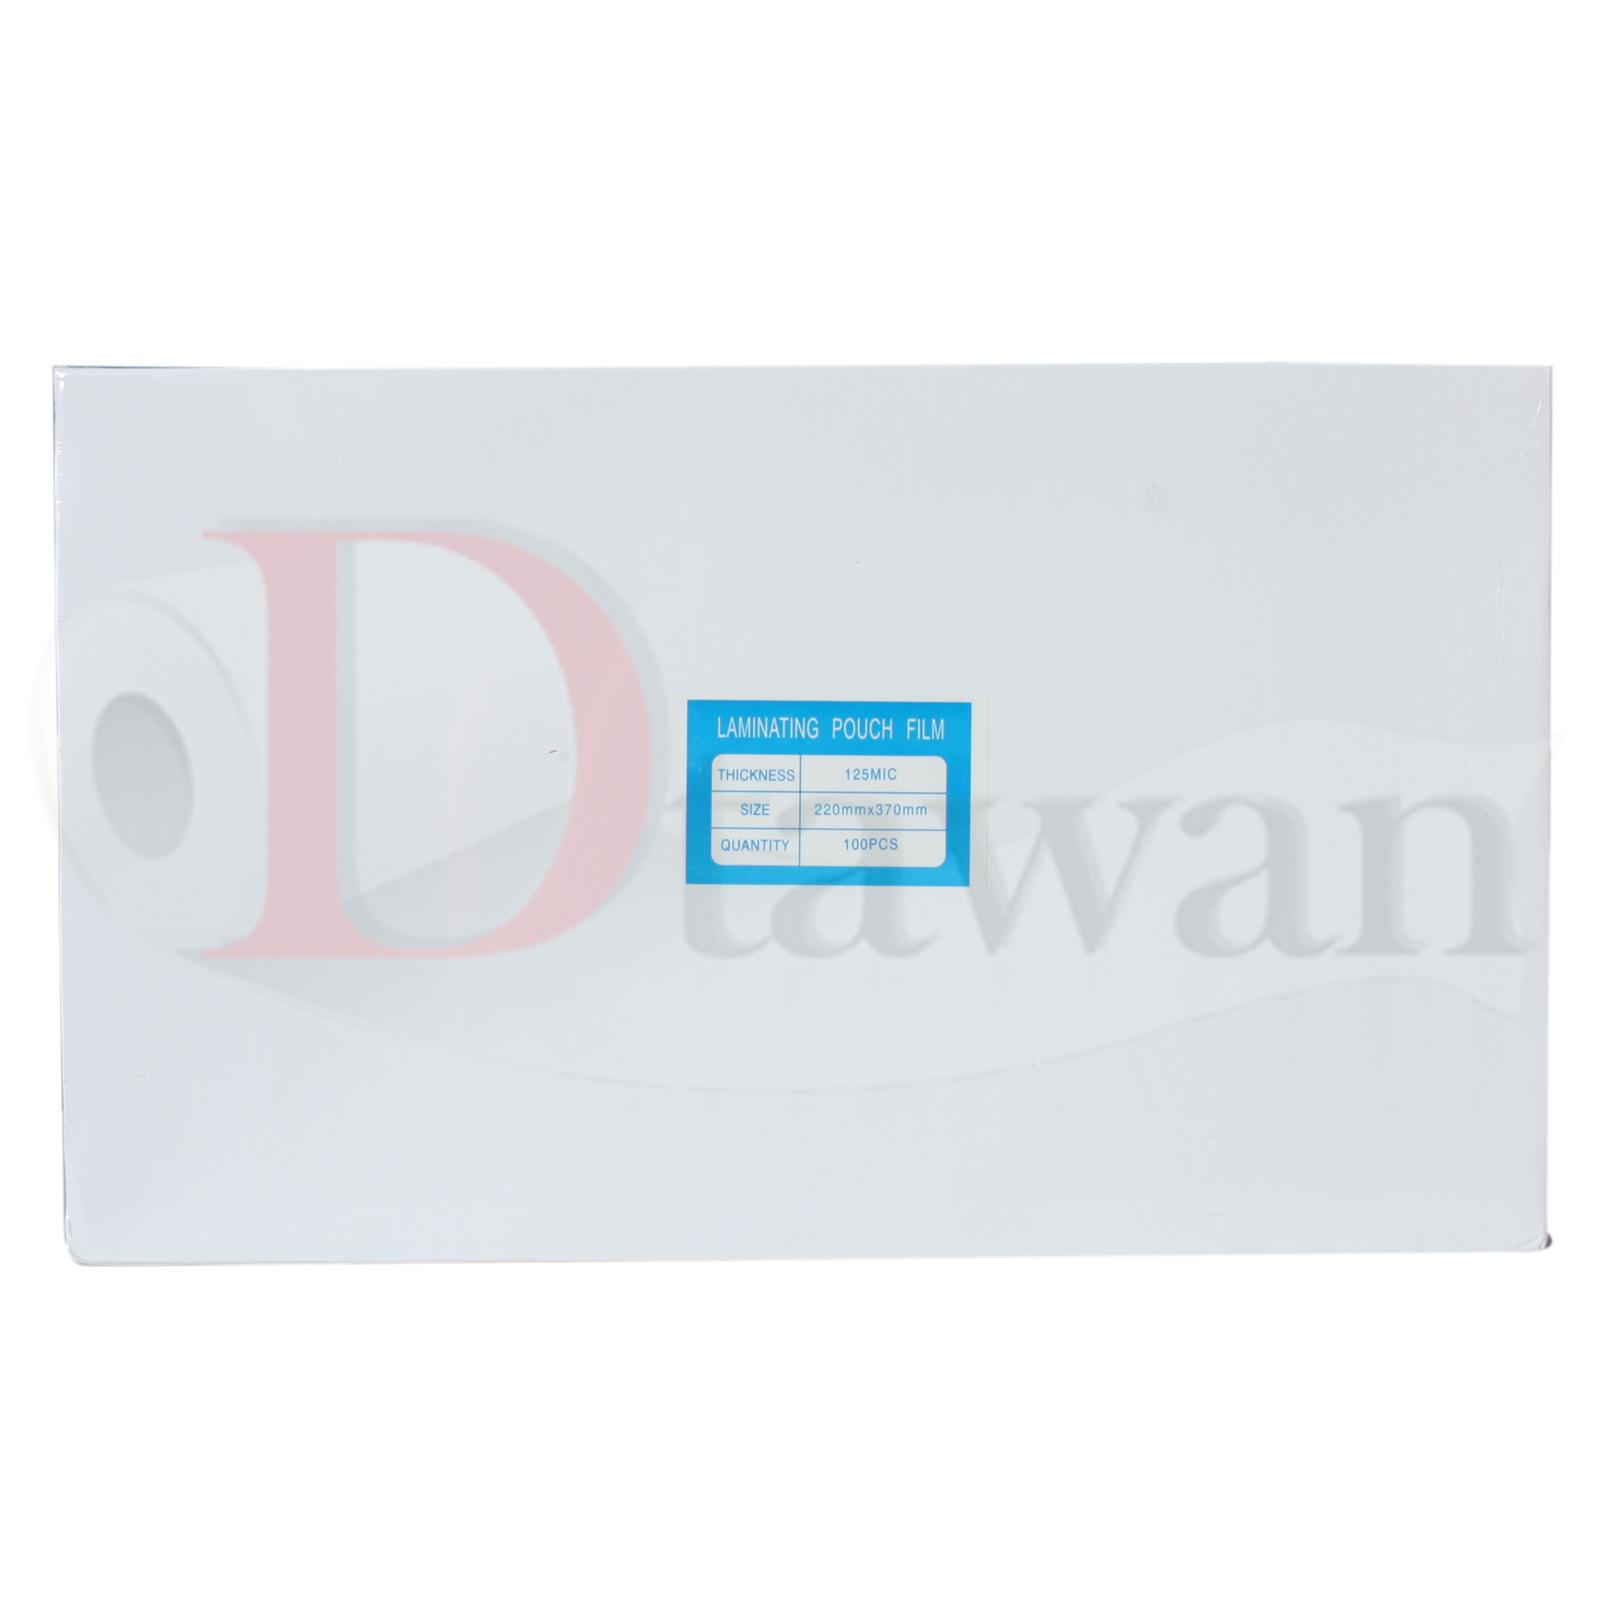 พลาสติกเคลือบบัตร เคลือบรูป ขนาด F4 F14 (220mm x 370mm) คุณภาพสูง กาวเหนียว ไม่เป็นฟองอากาศ